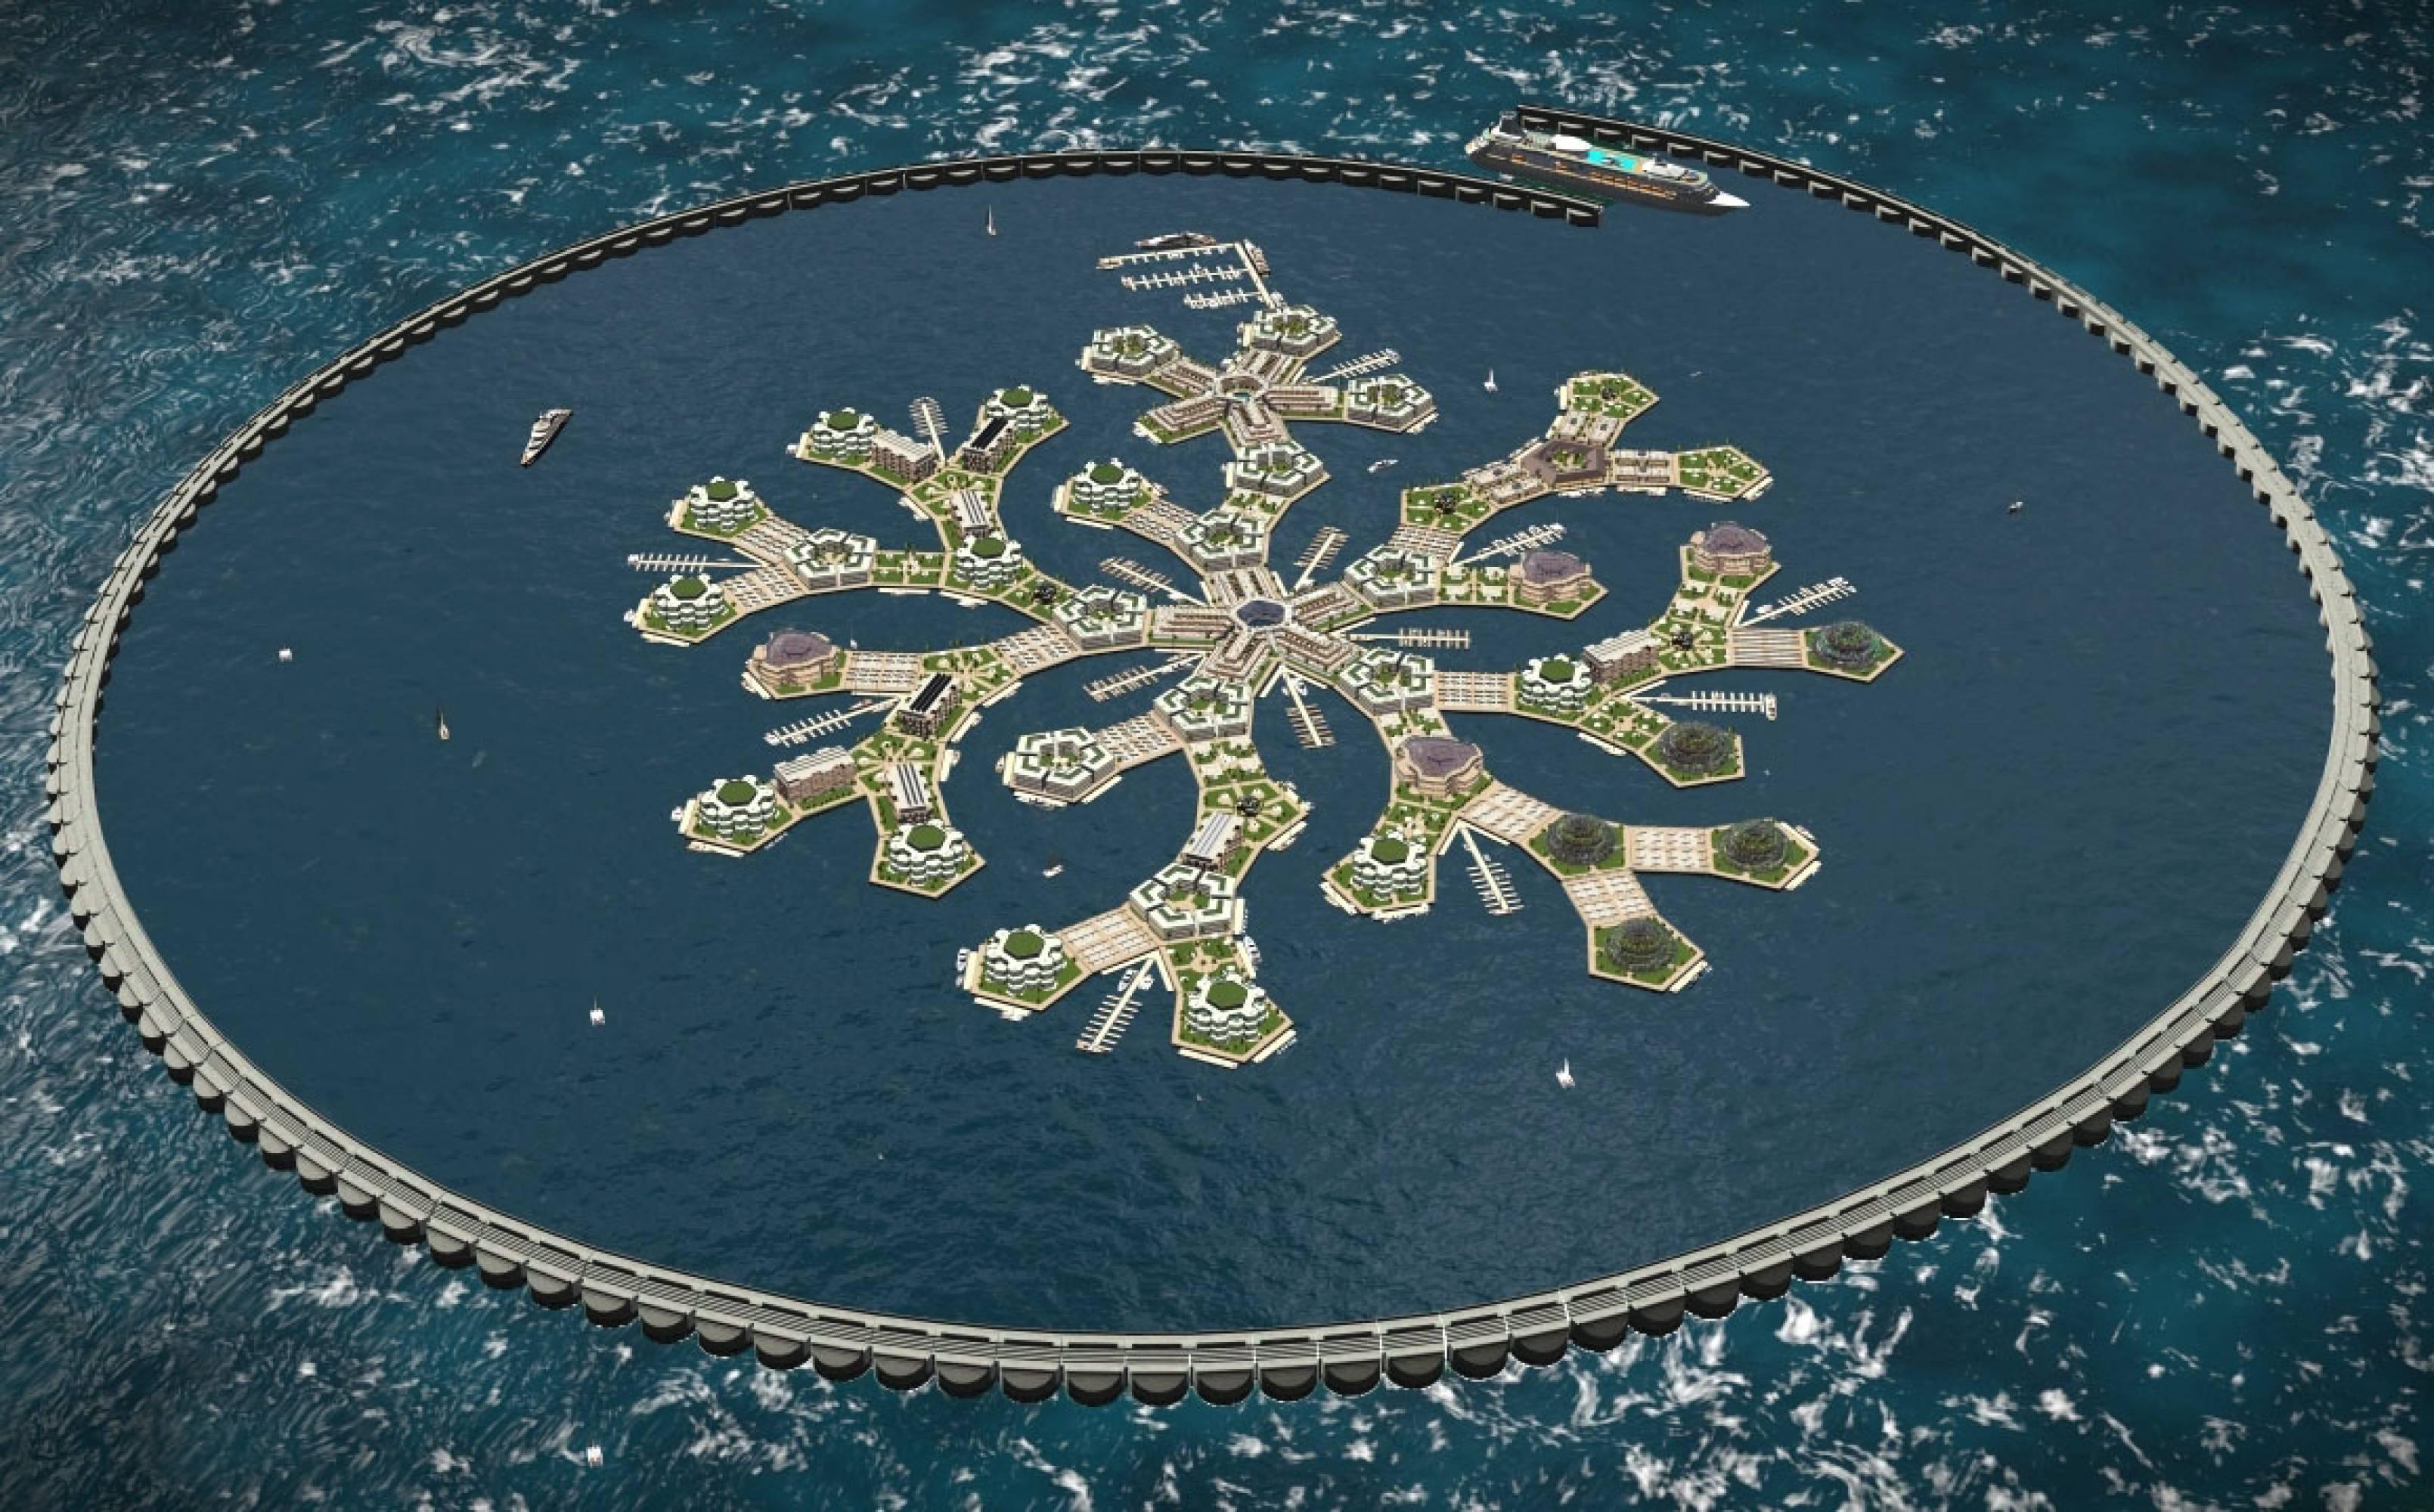 Новите идеи за града на бъдещето - плаващ, подводен или дори извънземен?